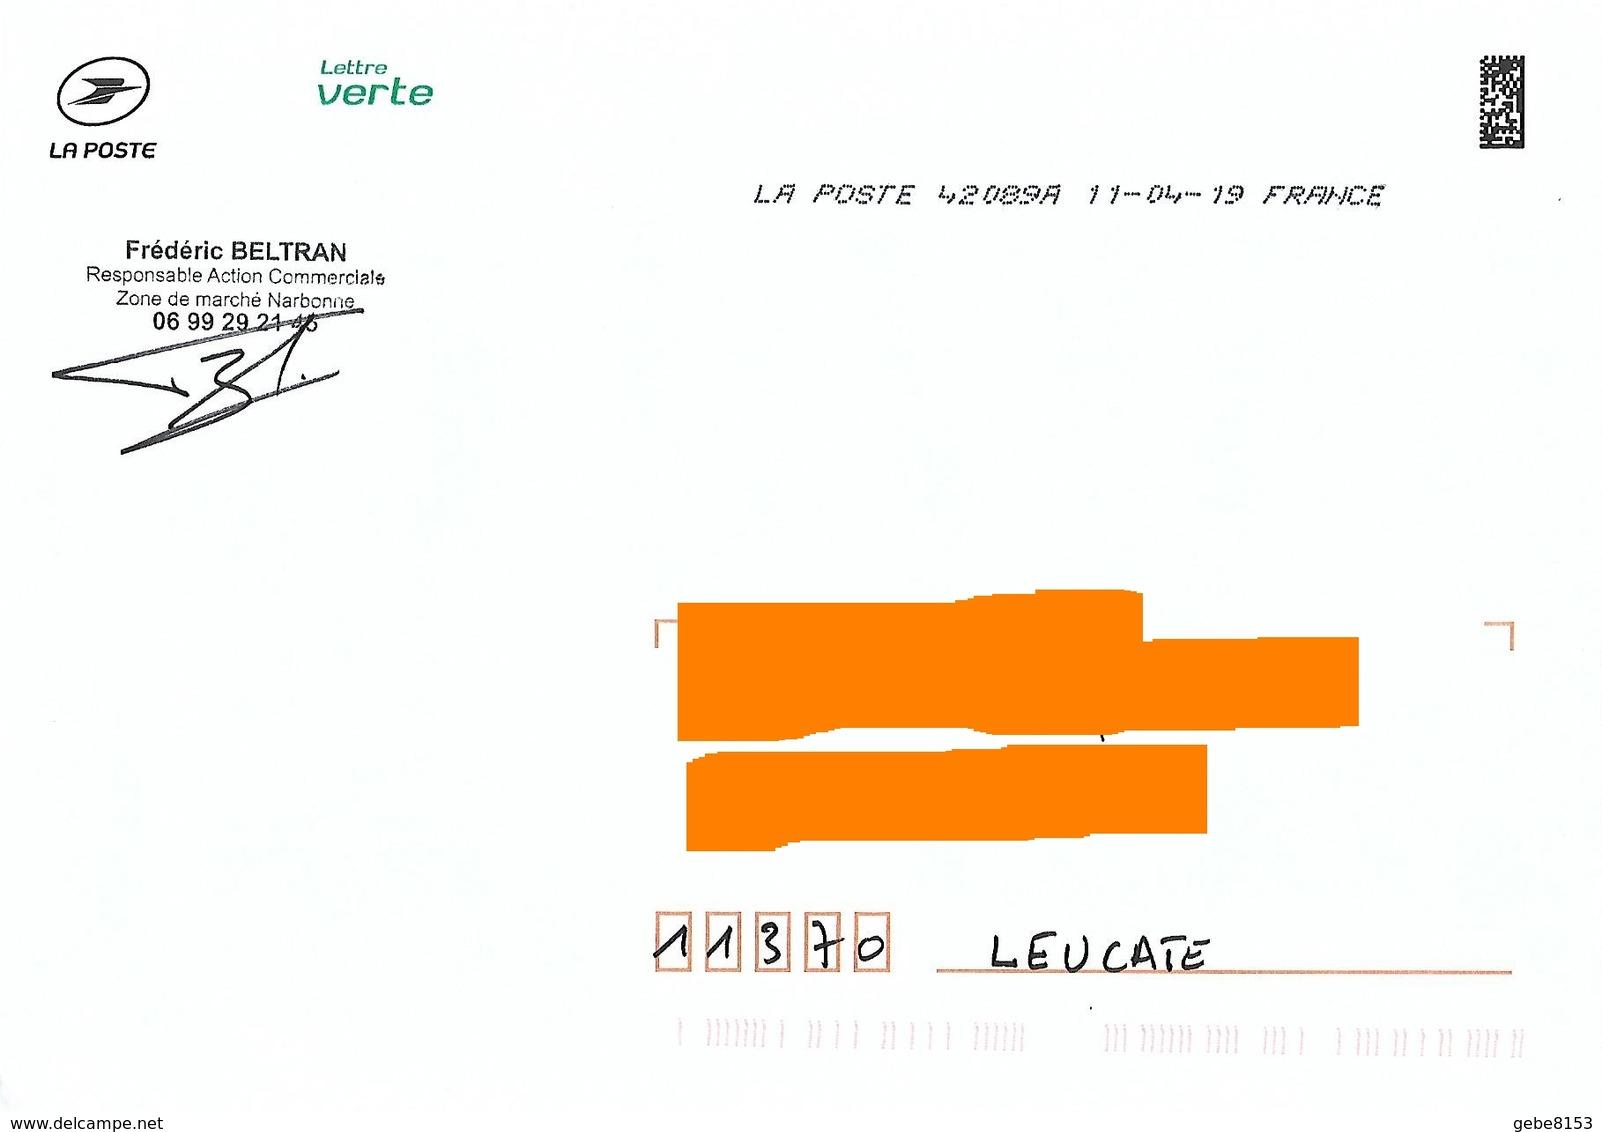 Enveloppe Service La Poste Lettre Verte Narbonne Aude Demi Toshiba - Documenten Van De Post